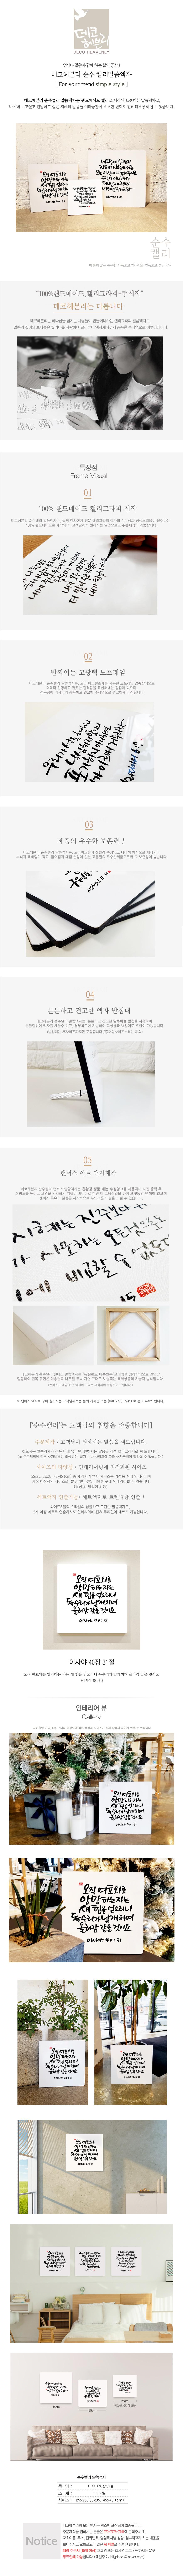 순수캘리말씀액자-SA0046 이사야 40장 31절 - 데코헤븐리, 16,900원, 홈갤러리, 캔버스아트